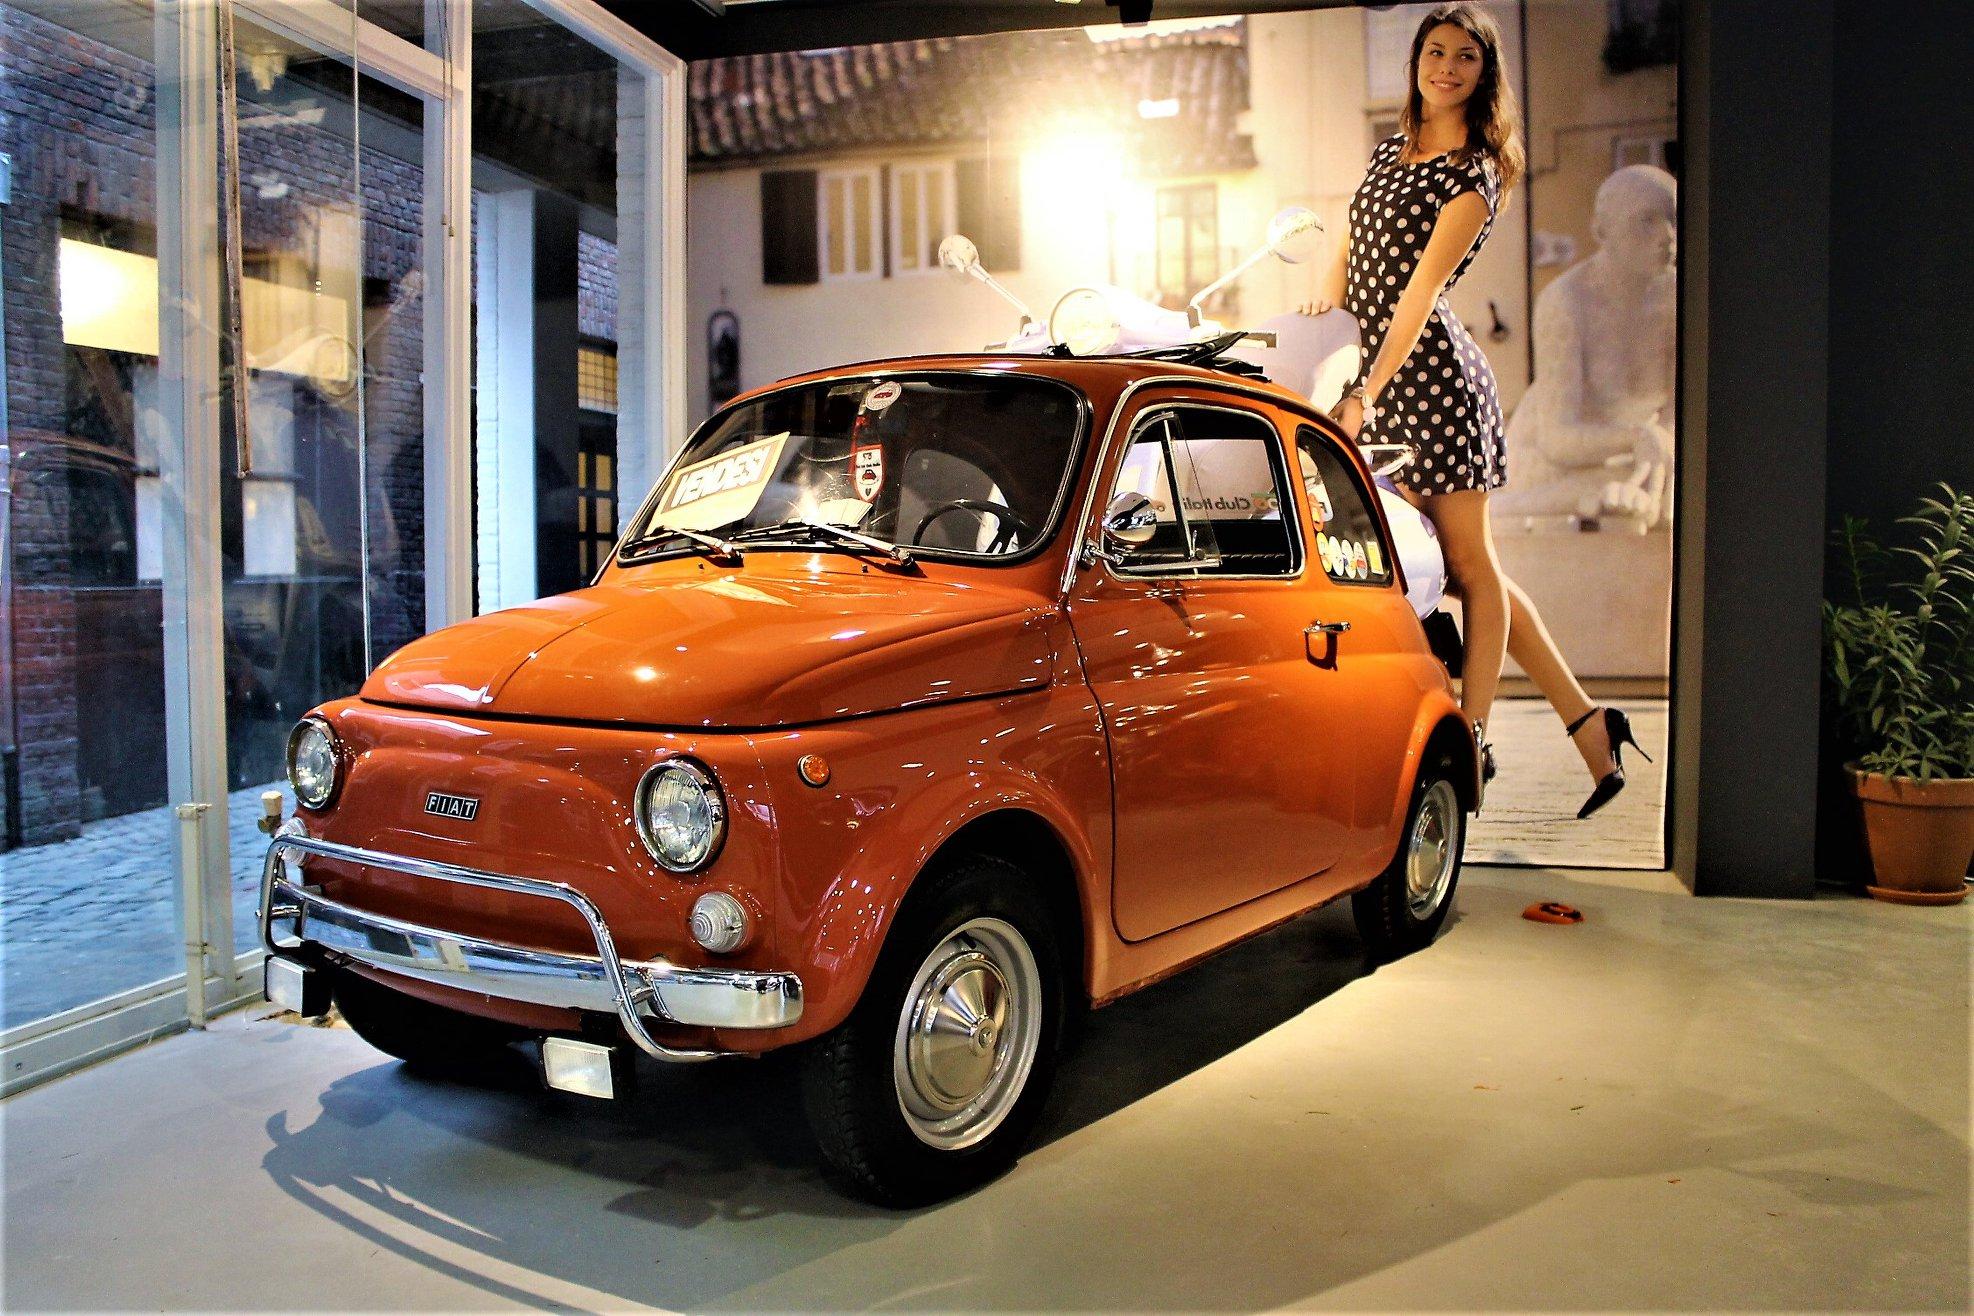 Carbonara - Vintage Automobiles